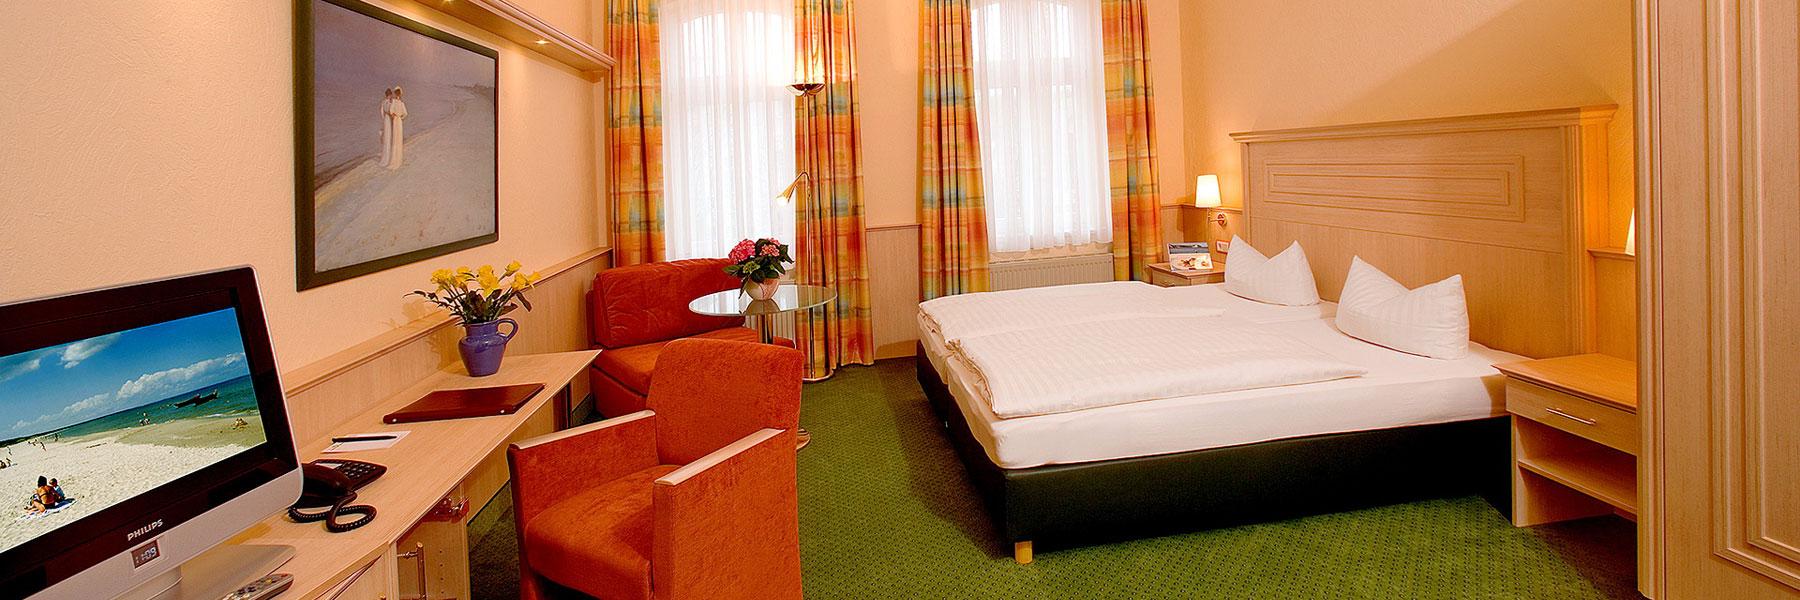 Zimmeransicht - Hotel Dünenschloß